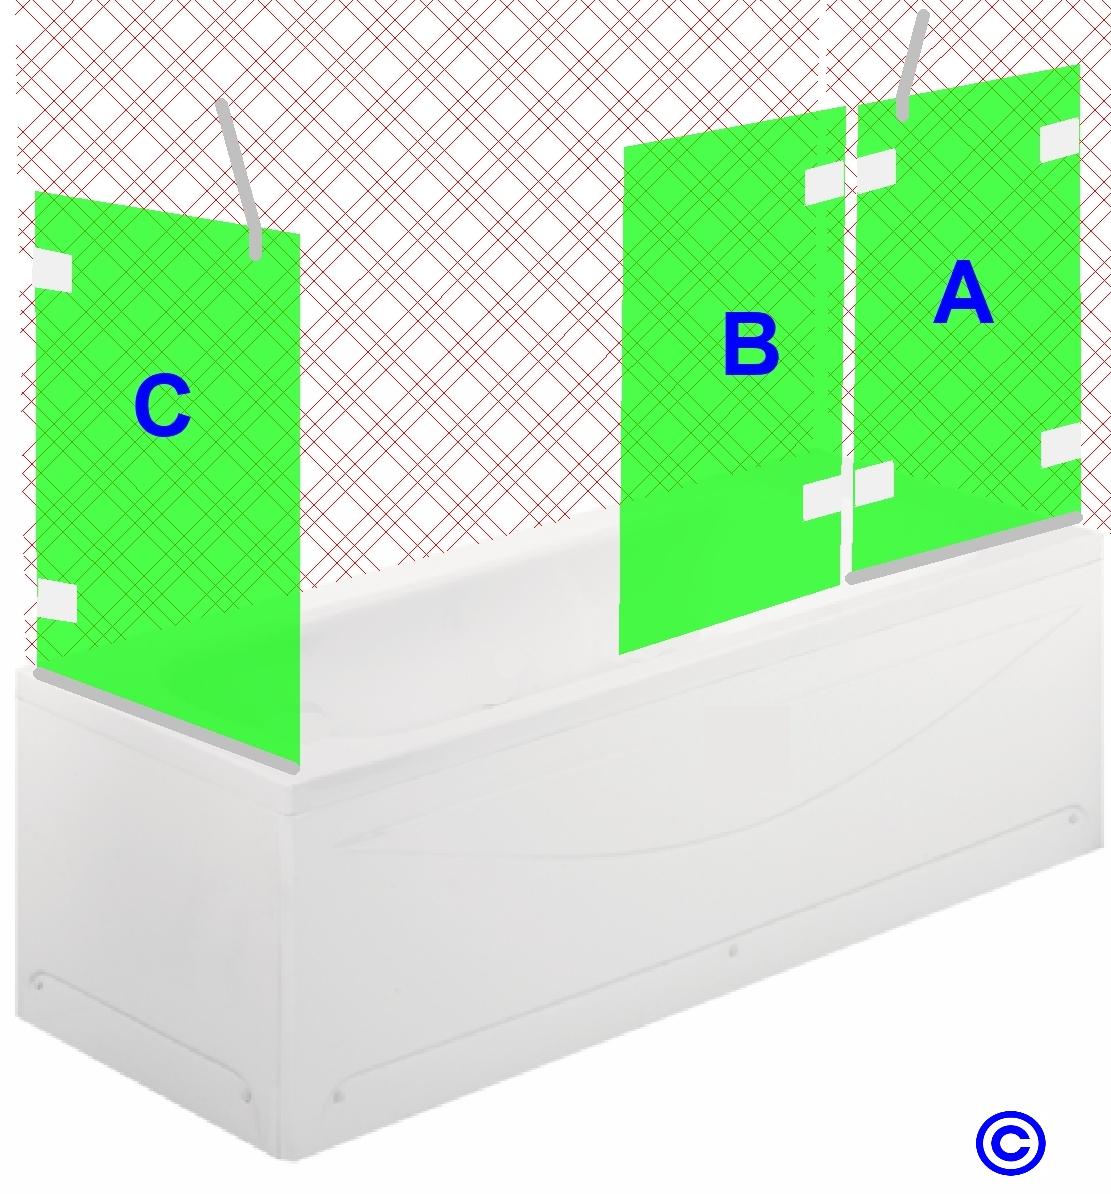 Full Size of Glastür Dusche Glasduschen Duschkabinen Online Kaufen Fr Badewanne Begehbare Ohne Tür Duschen Ebenerdige Bodenebene Kosten Nischentür Mischbatterie Dusche Glastür Dusche